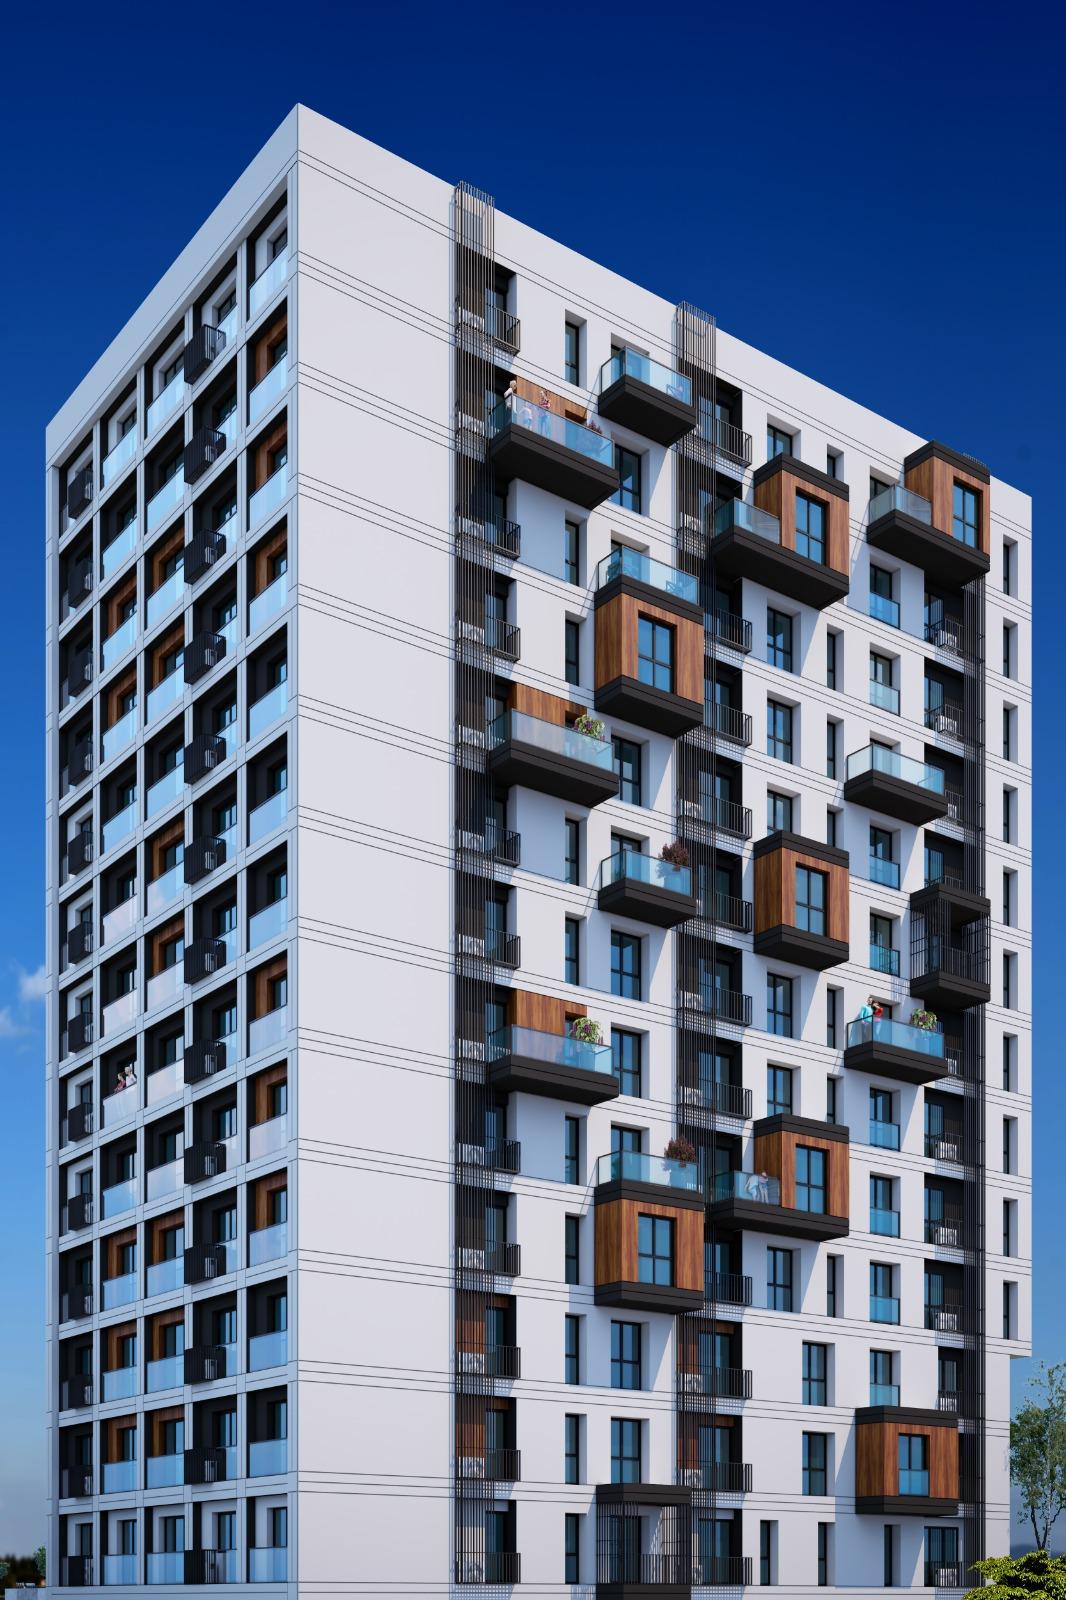 Апартаменты в строящемся комплексе - Фото 13